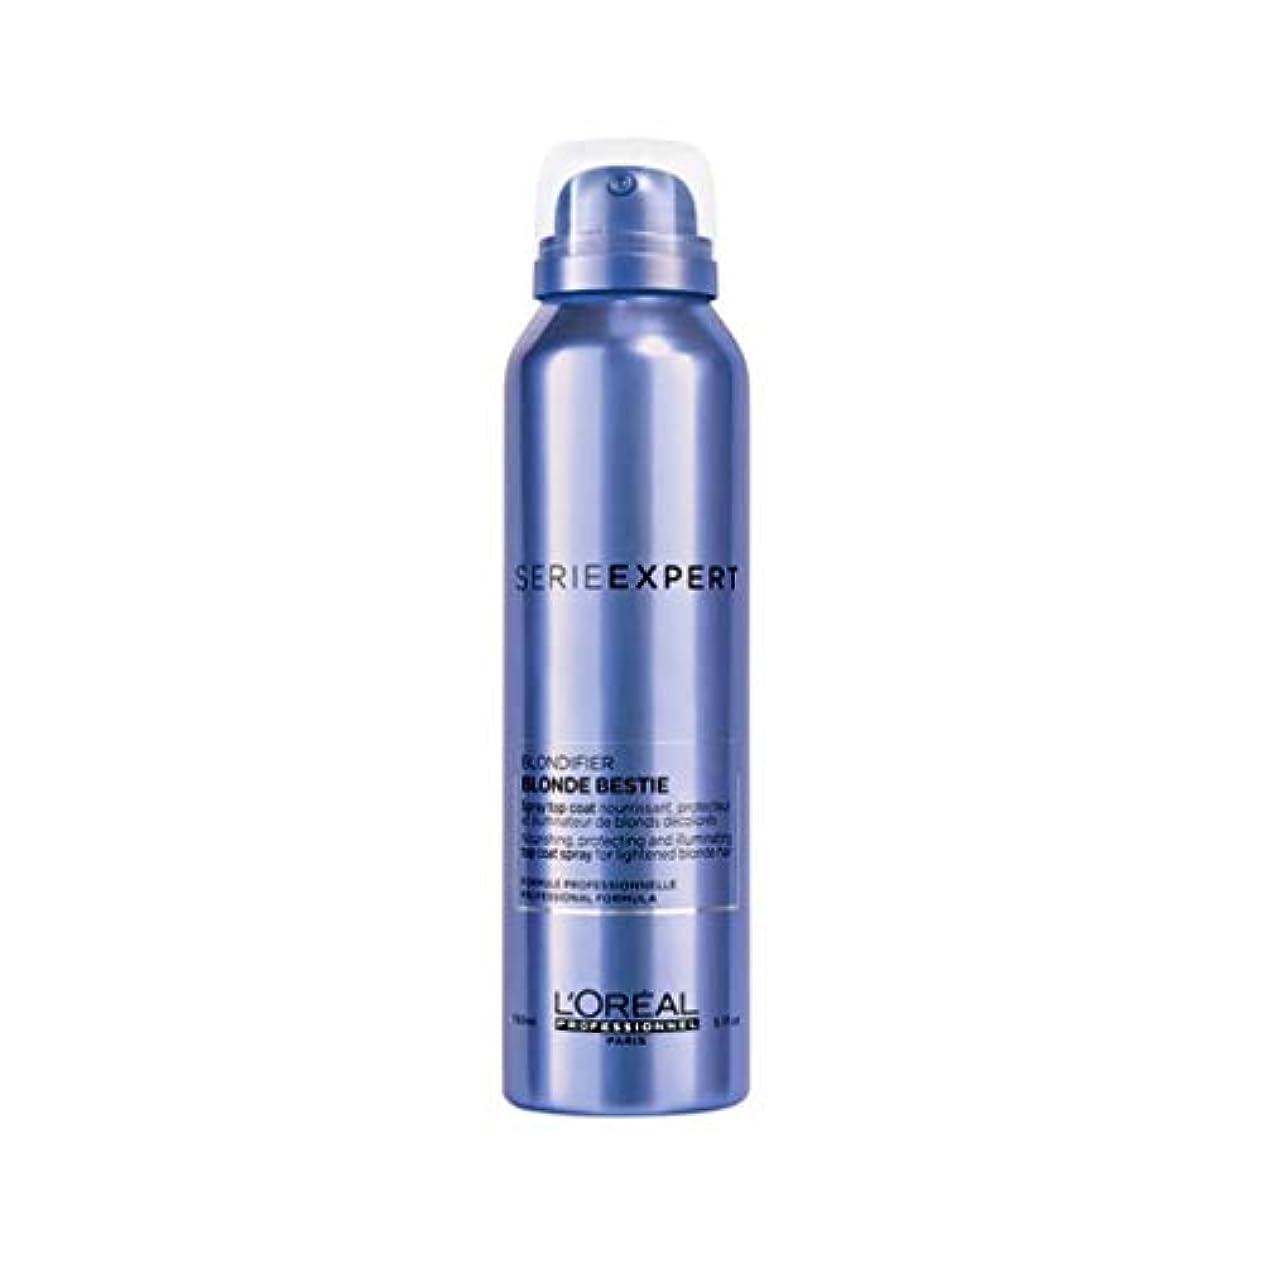 消毒する花嫁使用法ロレアル セリエ エクスパート ブロンディファイア ブロンド ベスティー スプレー L'Oreal Serie Expert Blondifier Blond Bestie Spray 150 ml [並行輸入品]